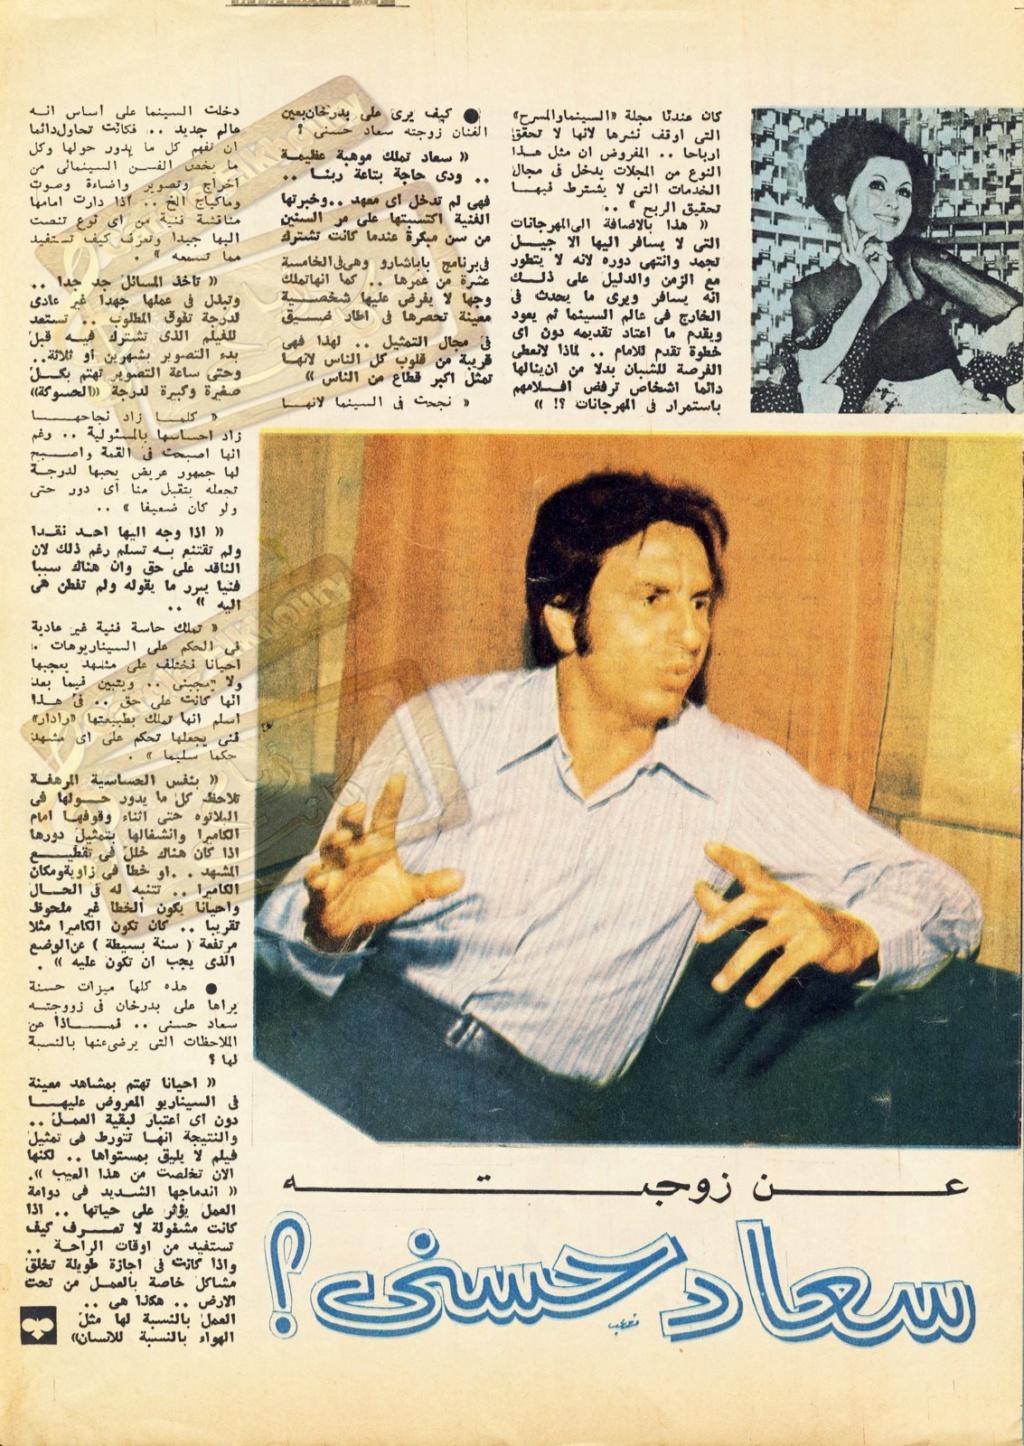 حوار صحفي : على بدرخان .. ماذا يقول عن زوجته سعاد حسني ؟ 1974 م 249